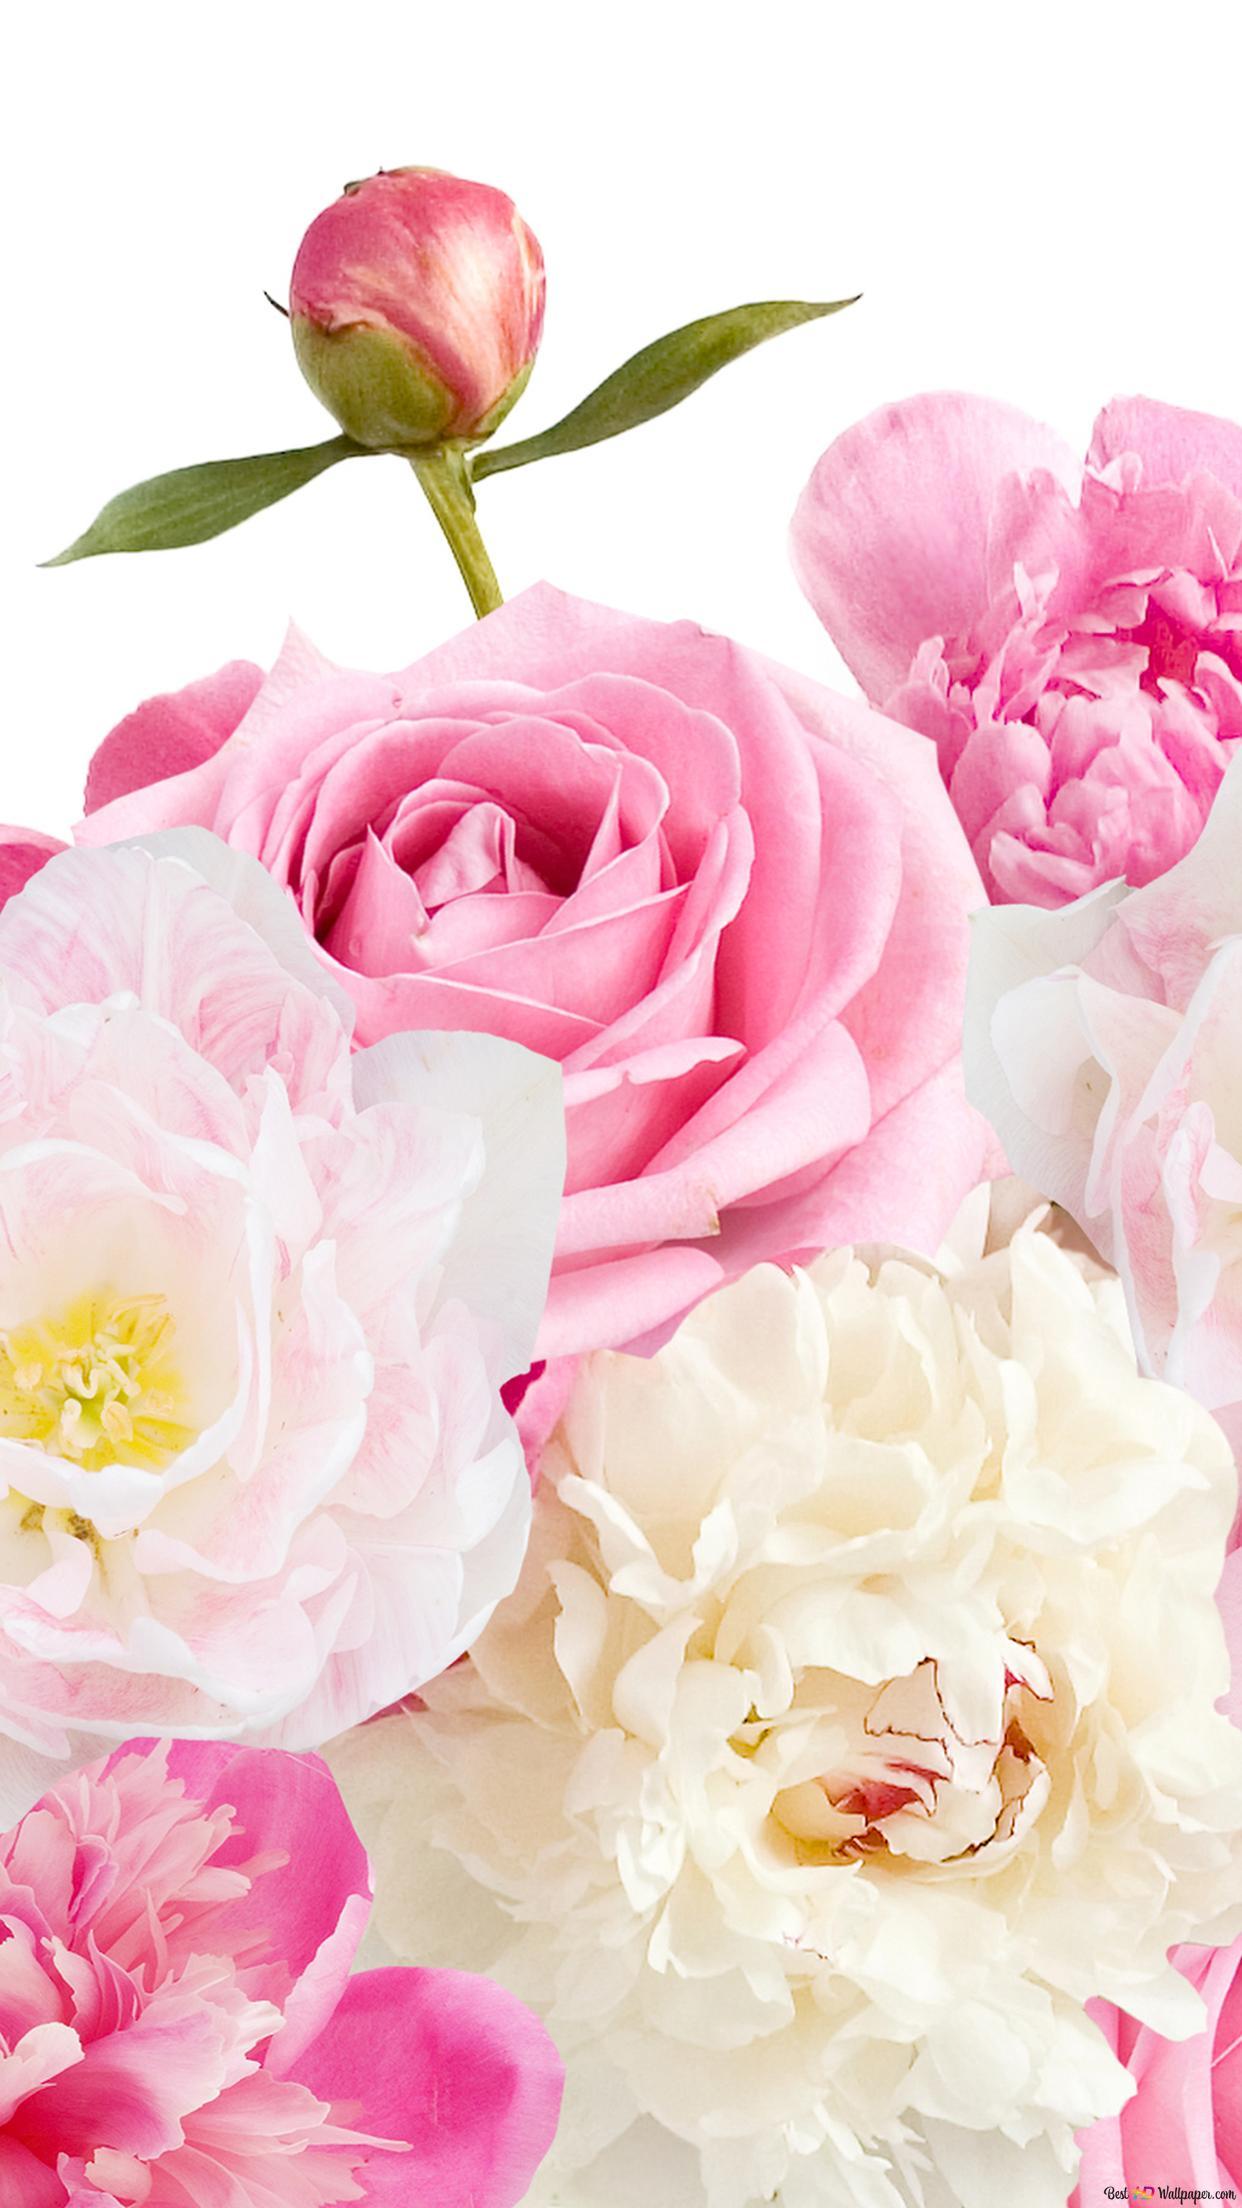 バレンタインデー 素敵なピンクと白の花 Hd壁紙のダウンロード